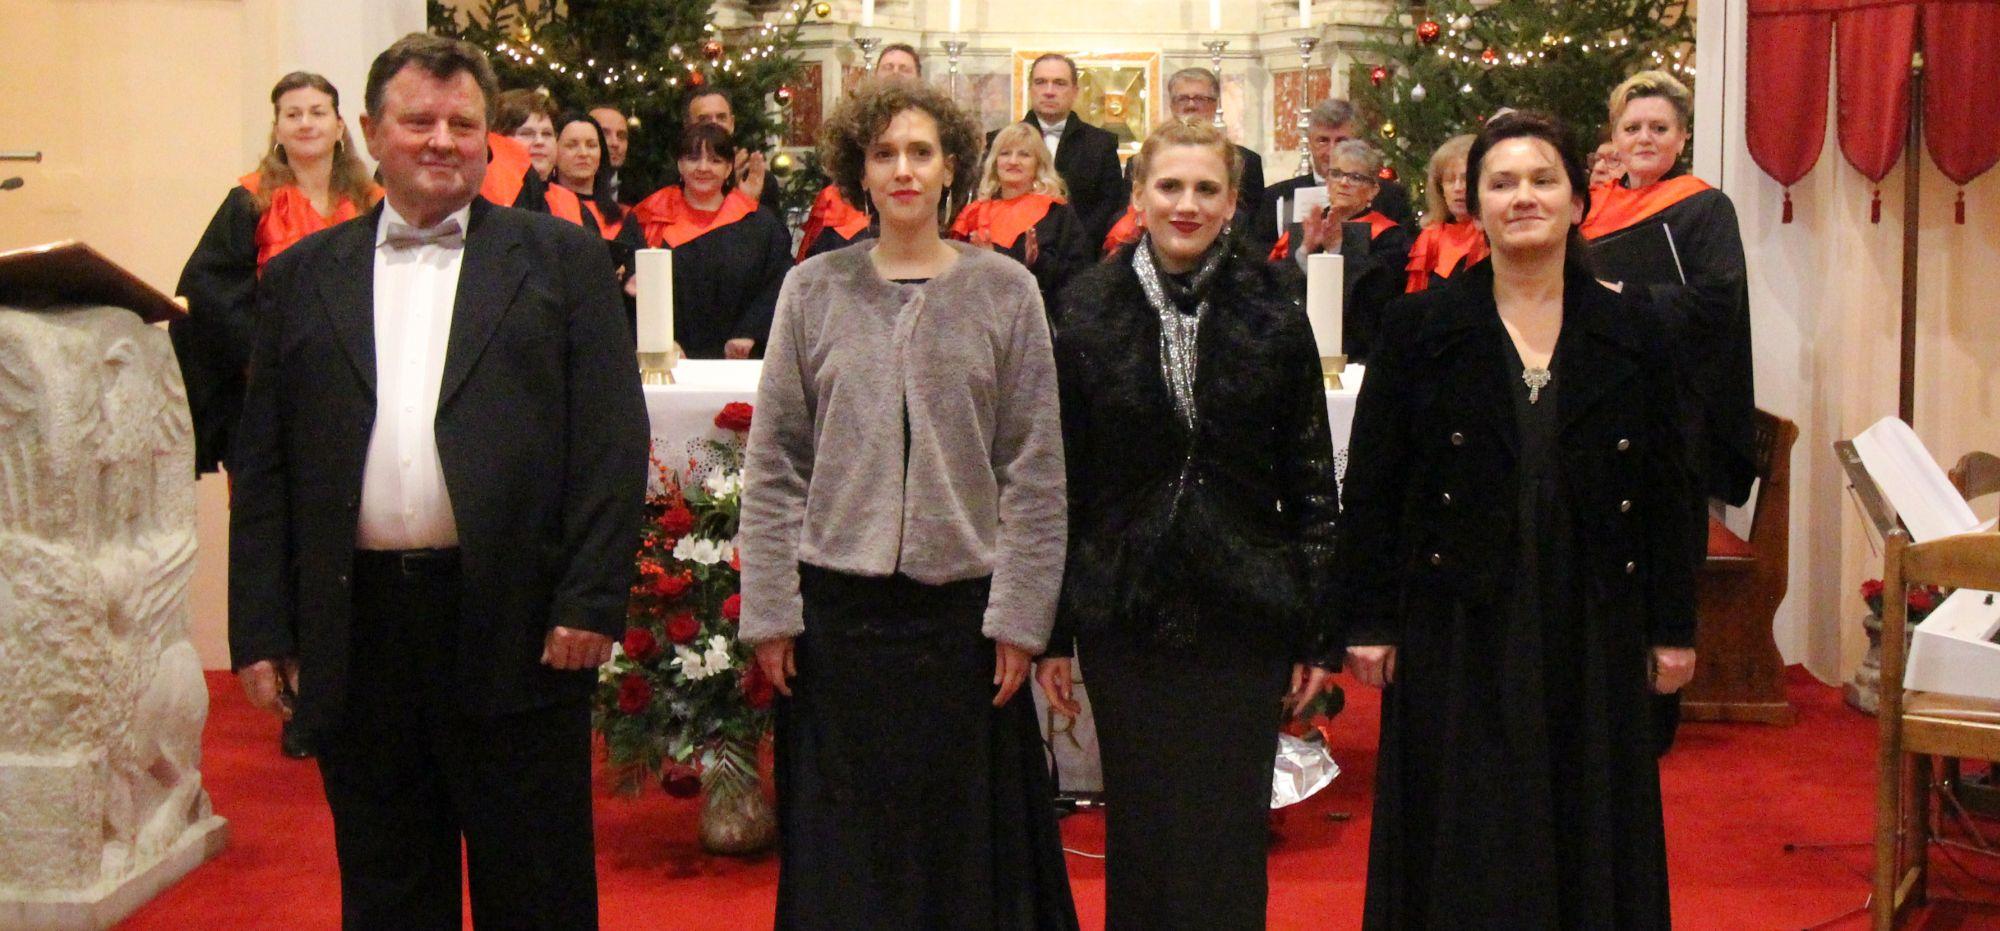 Održan tradicionalni koncert  u crkvi Svetog Apolinara